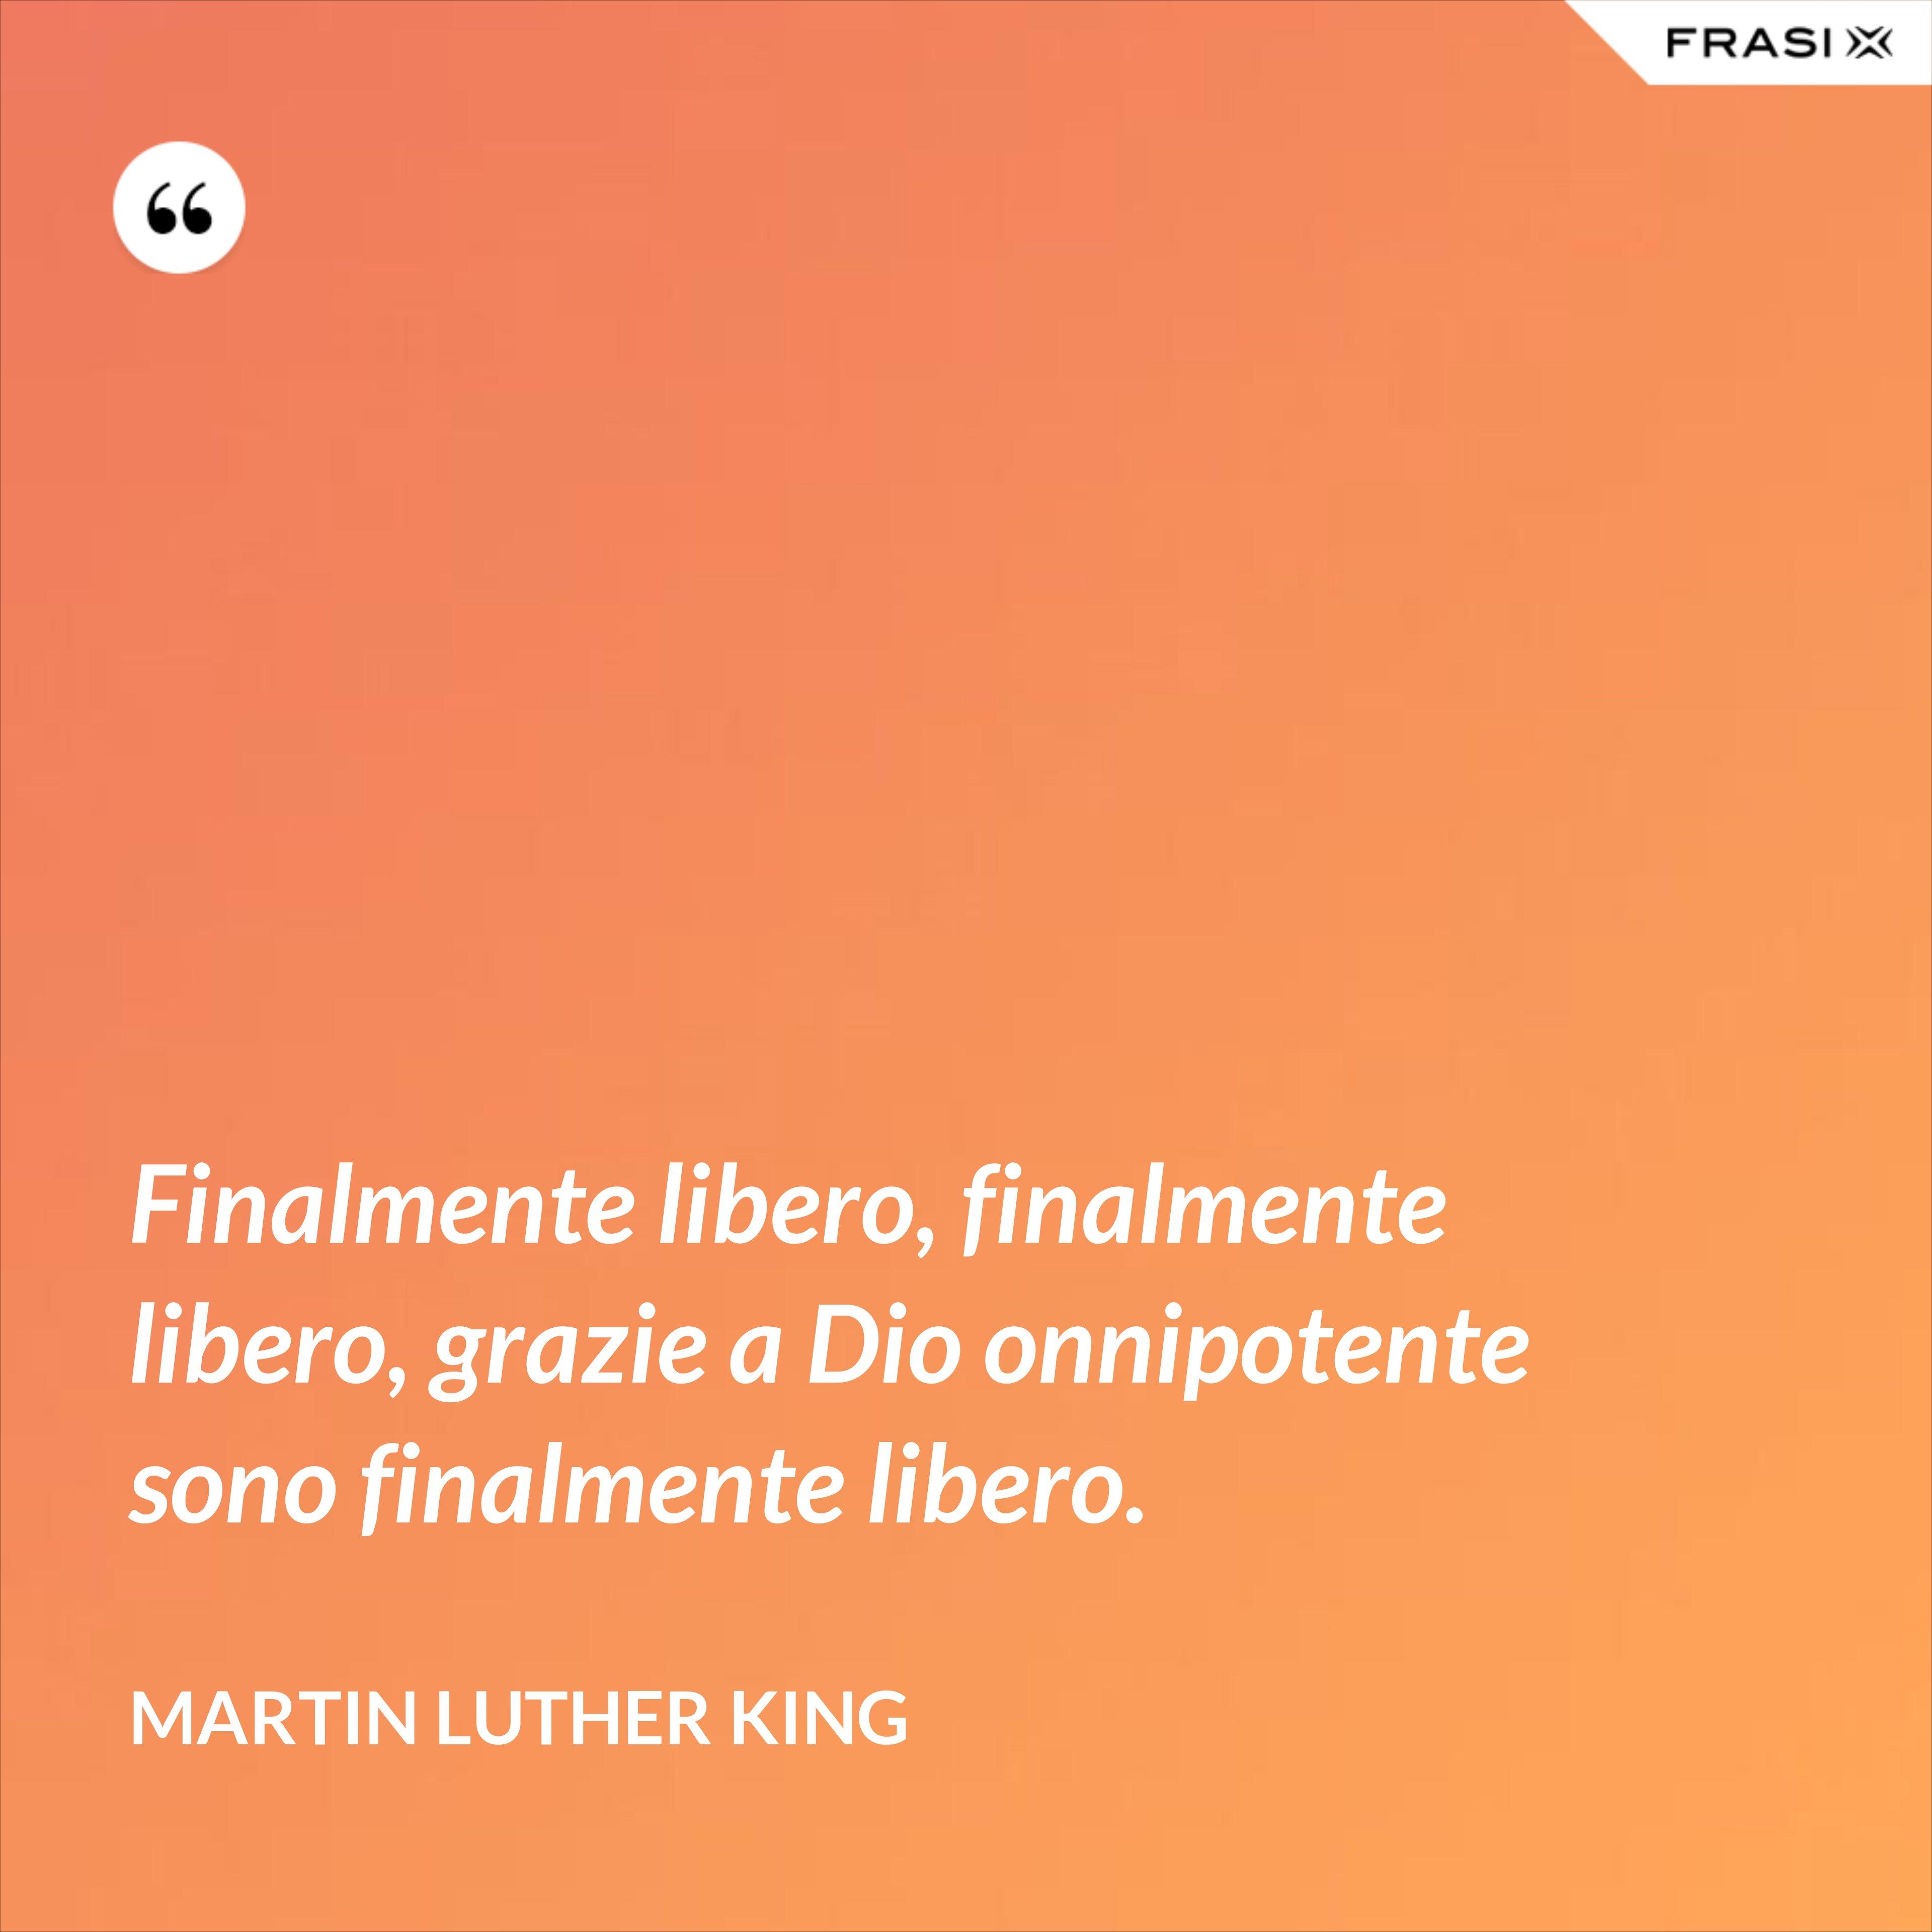 Finalmente libero, finalmente libero, grazie a Dio onnipotente sono finalmente libero. - Martin Luther King